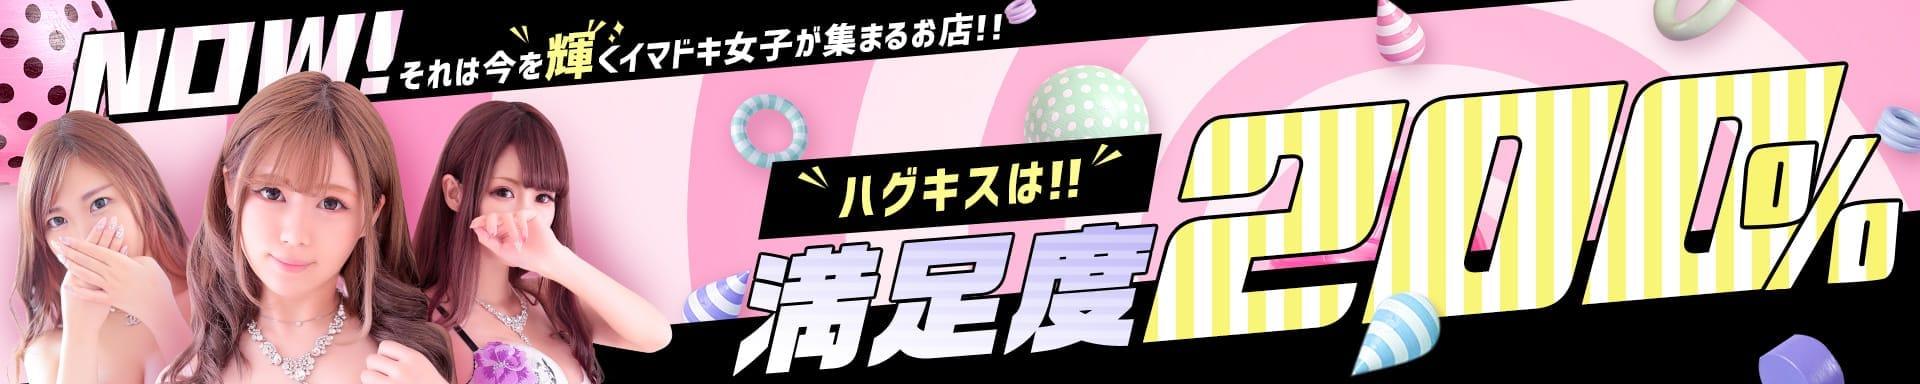 XOXO Hug&Kiss梅田(ハグアンドキス) その2